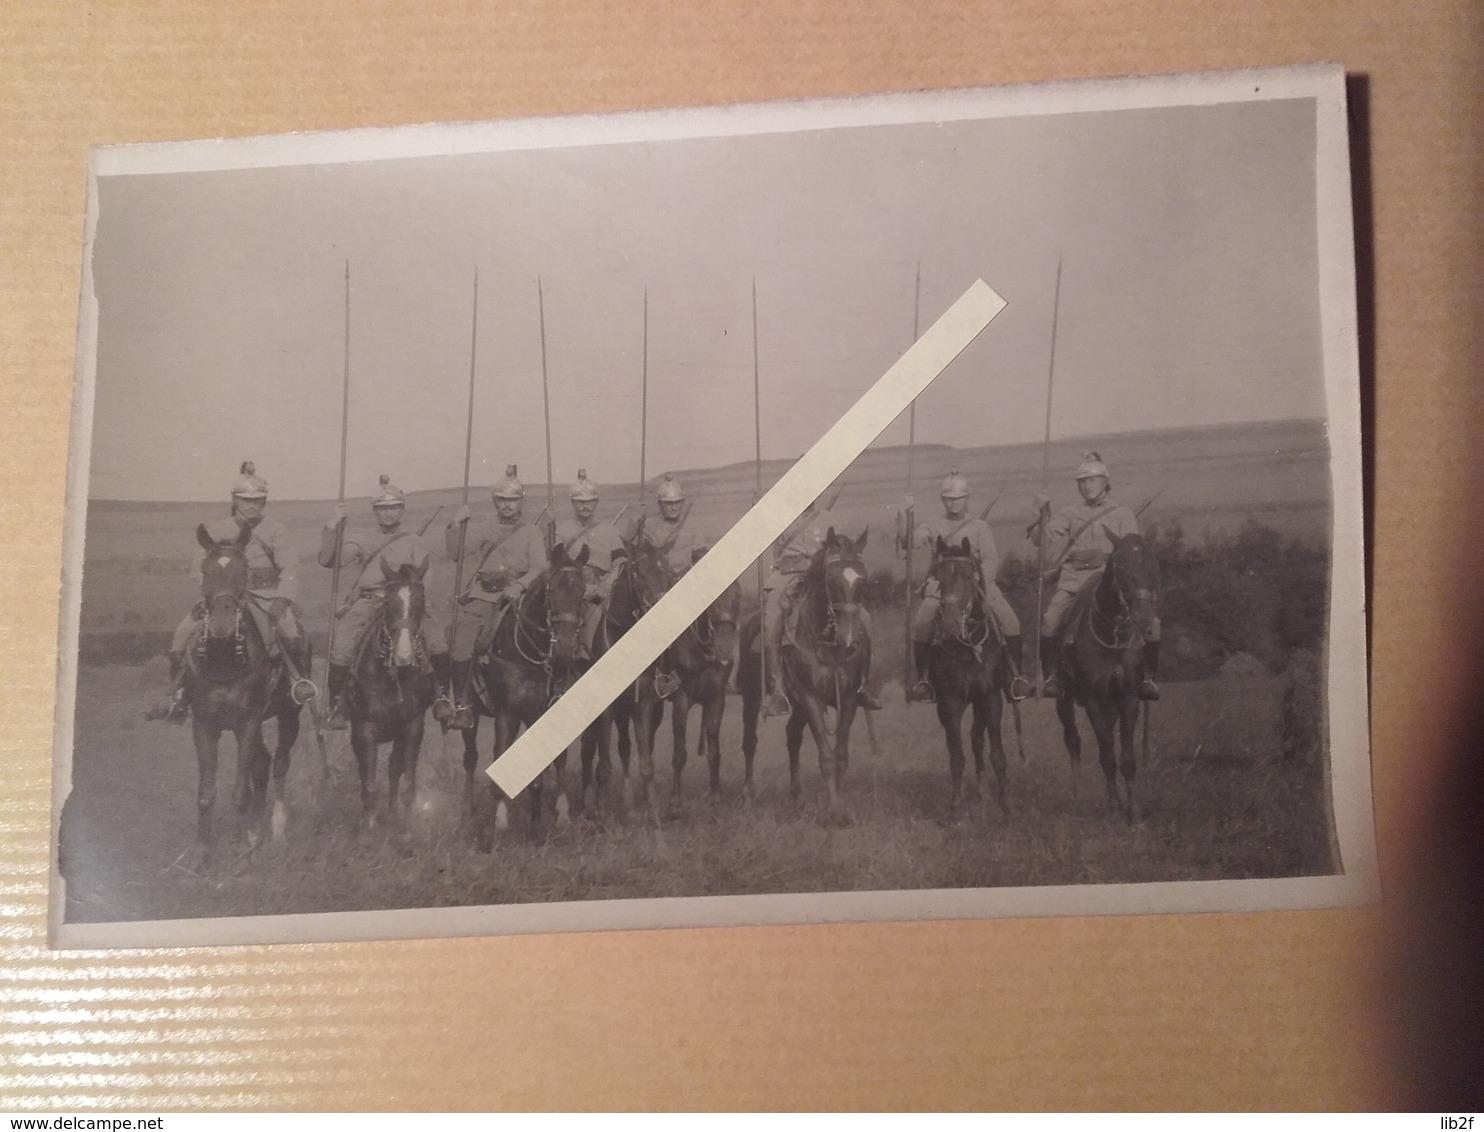 1914 Meaux 8 Eme Régiment De Hussards Cavaliers Cavalerie  Poilu Tranchée W1 1WK 1914 1918 14-18 - War, Military